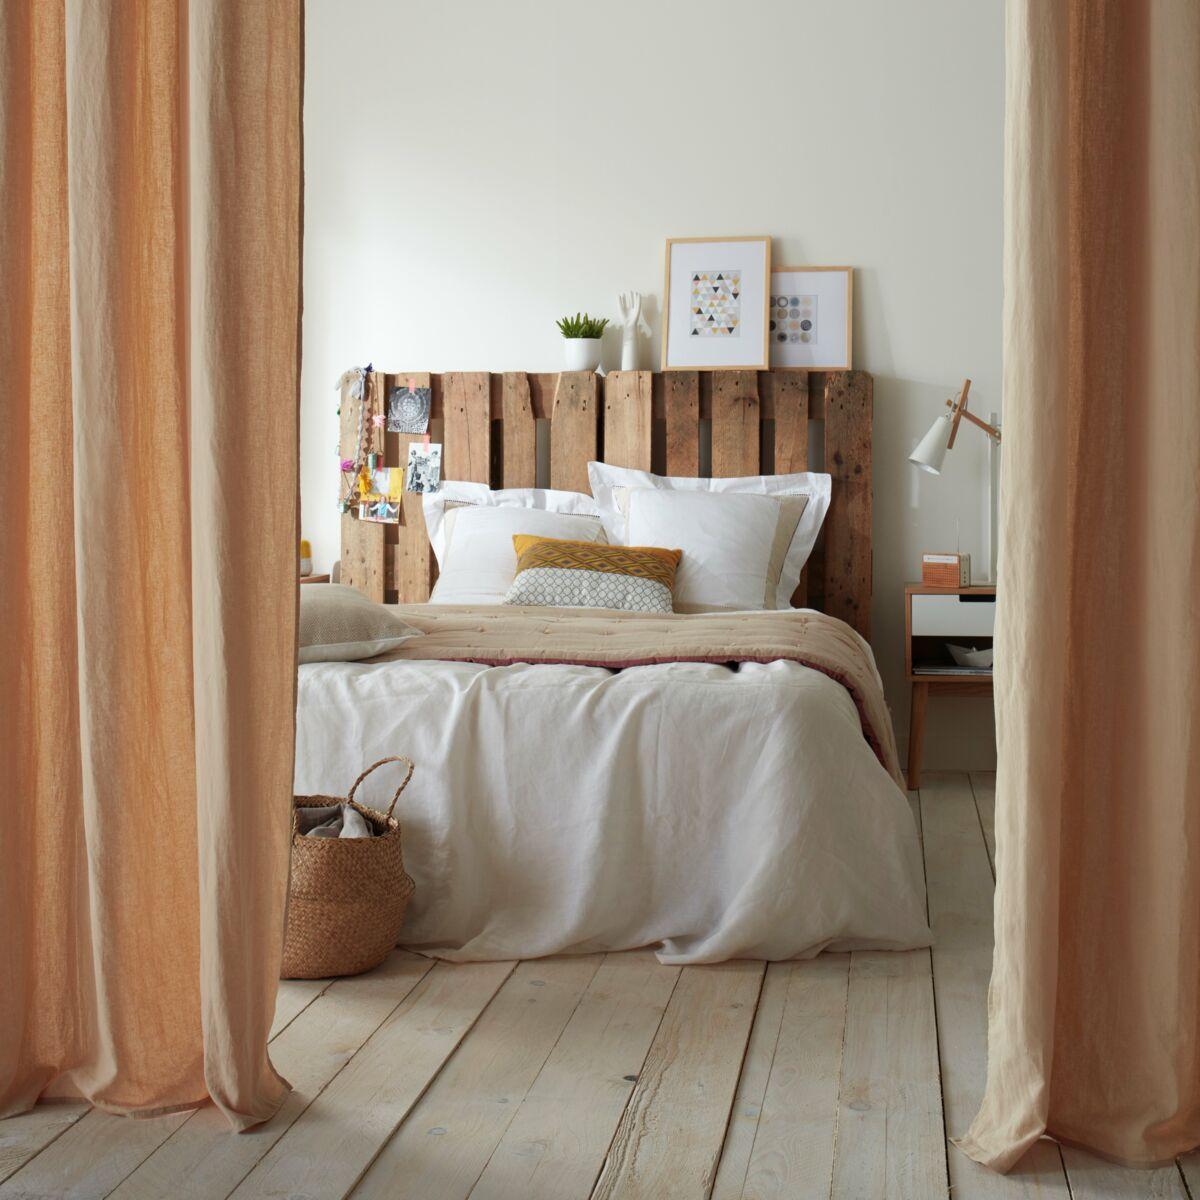 Fabriquer Un Lit En Bois recyclage : 3 pistes pour fabriquer sa tête de lit : femme